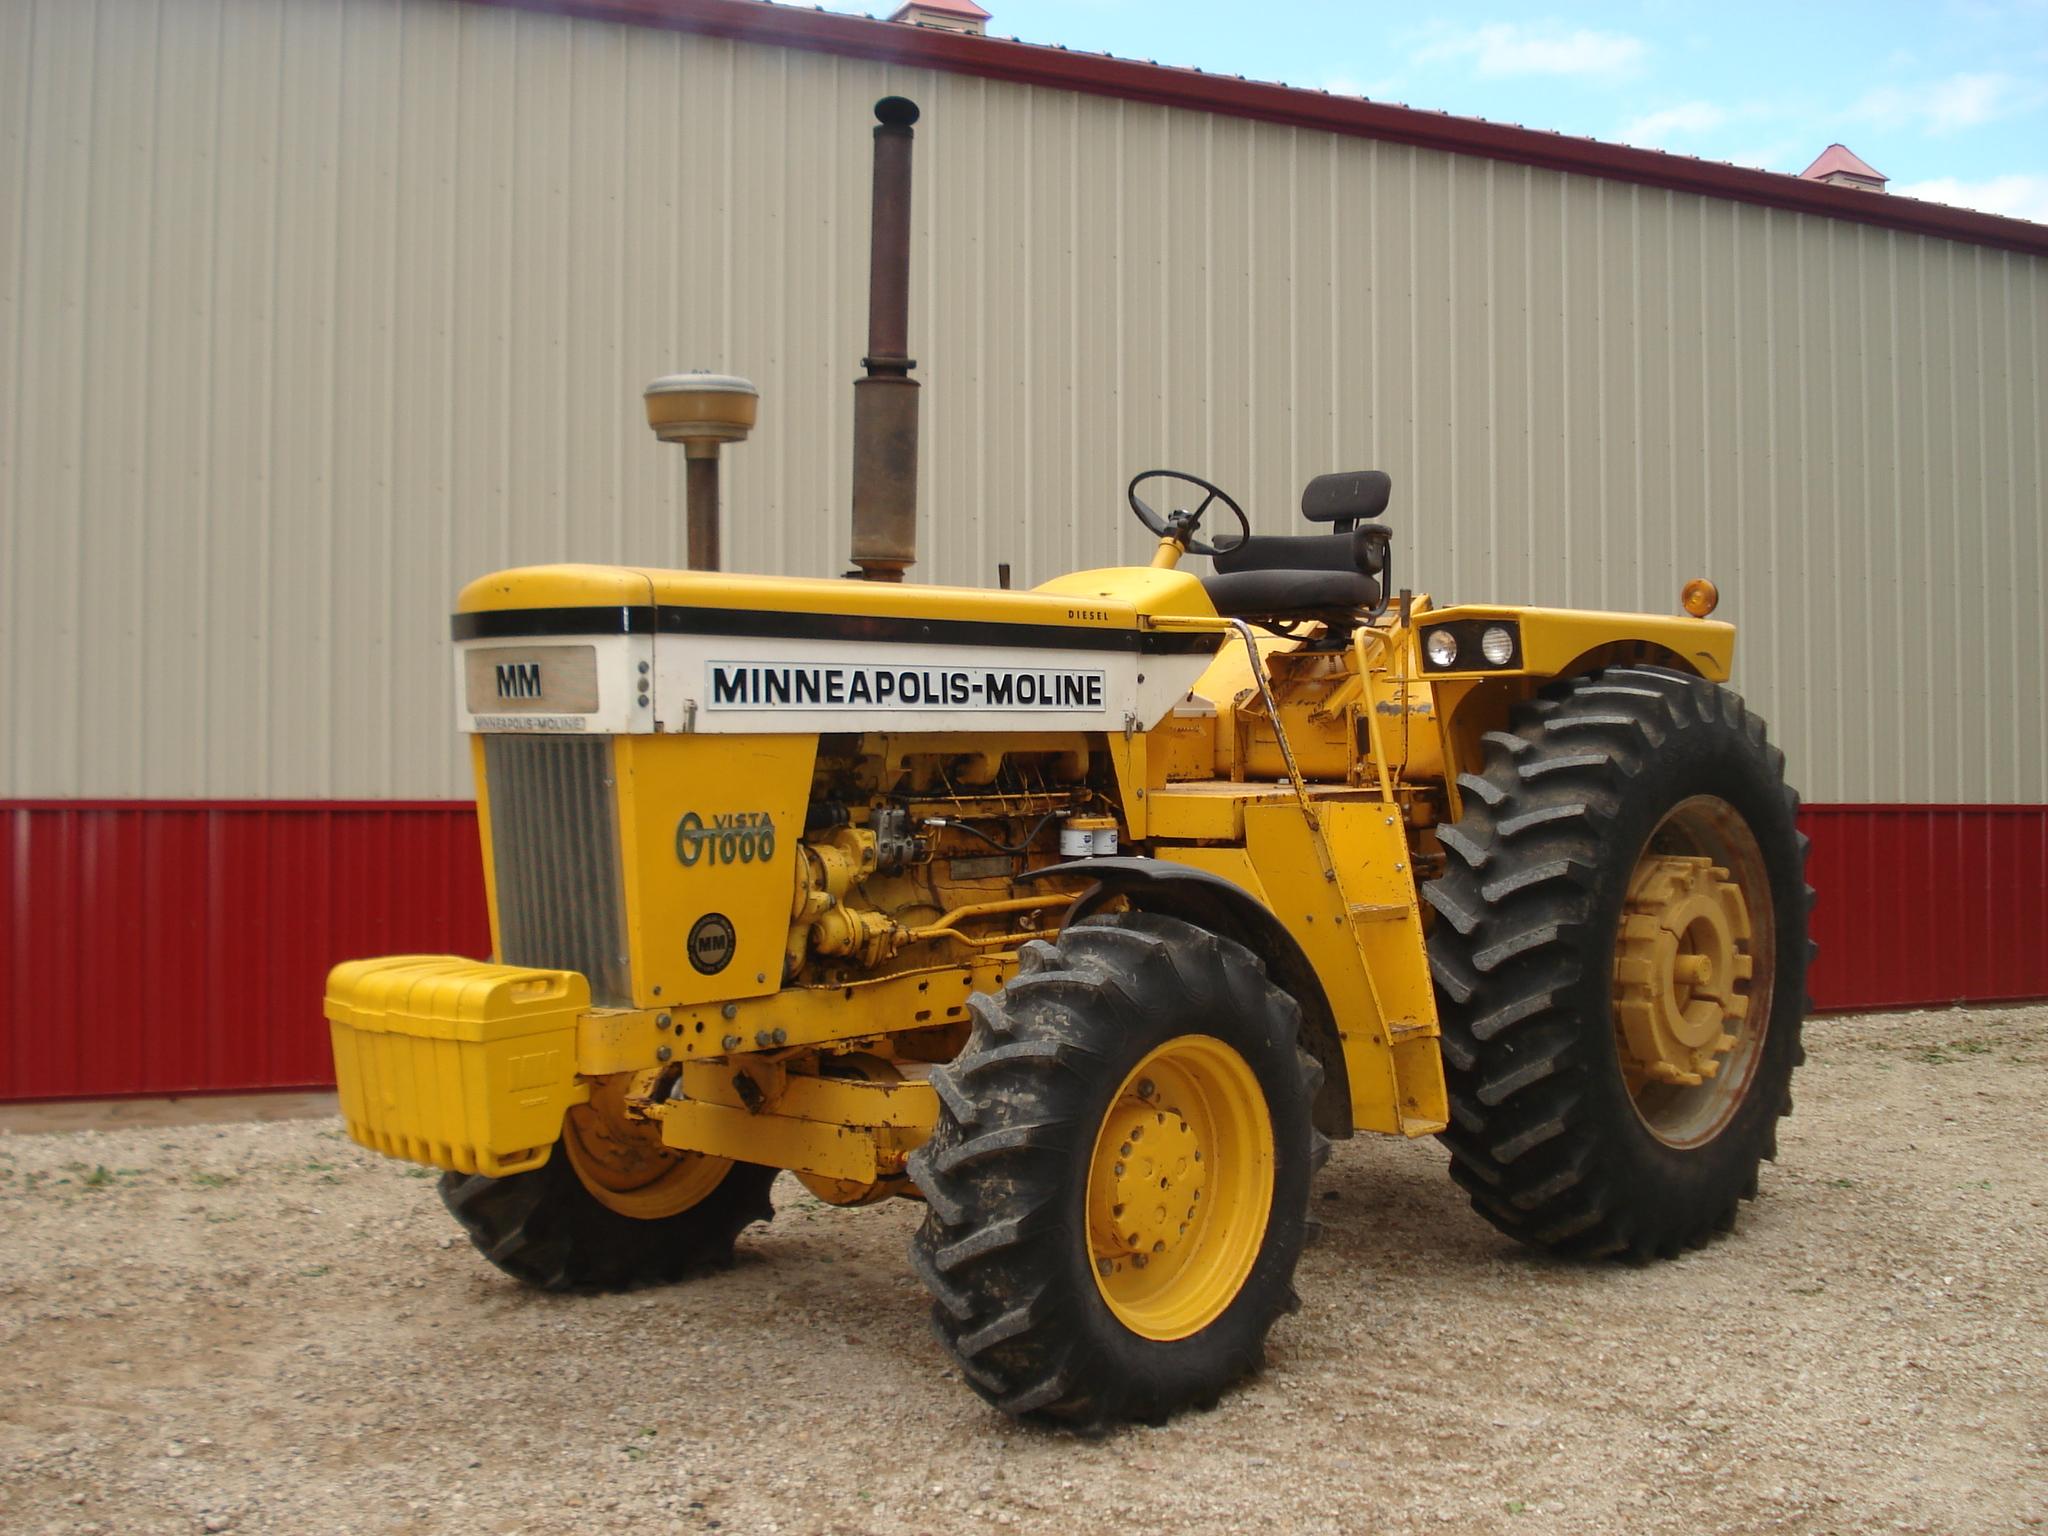 Wilke's Classic Tractors | Tractors for Sale